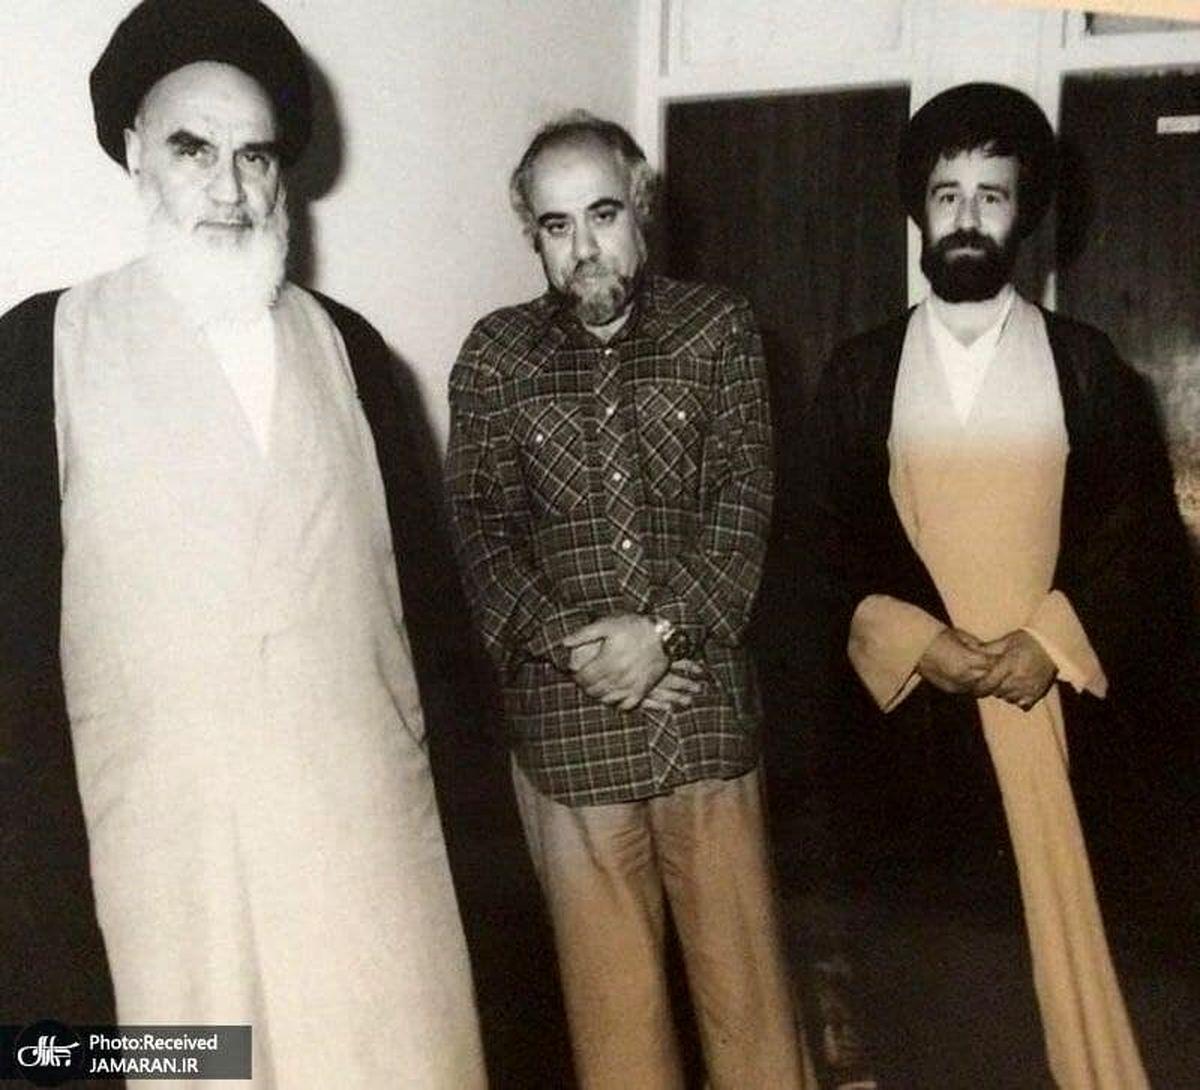 تصویردیده نشده از مرحوم علامه حکیمی در کنار امام خمینی (ره)